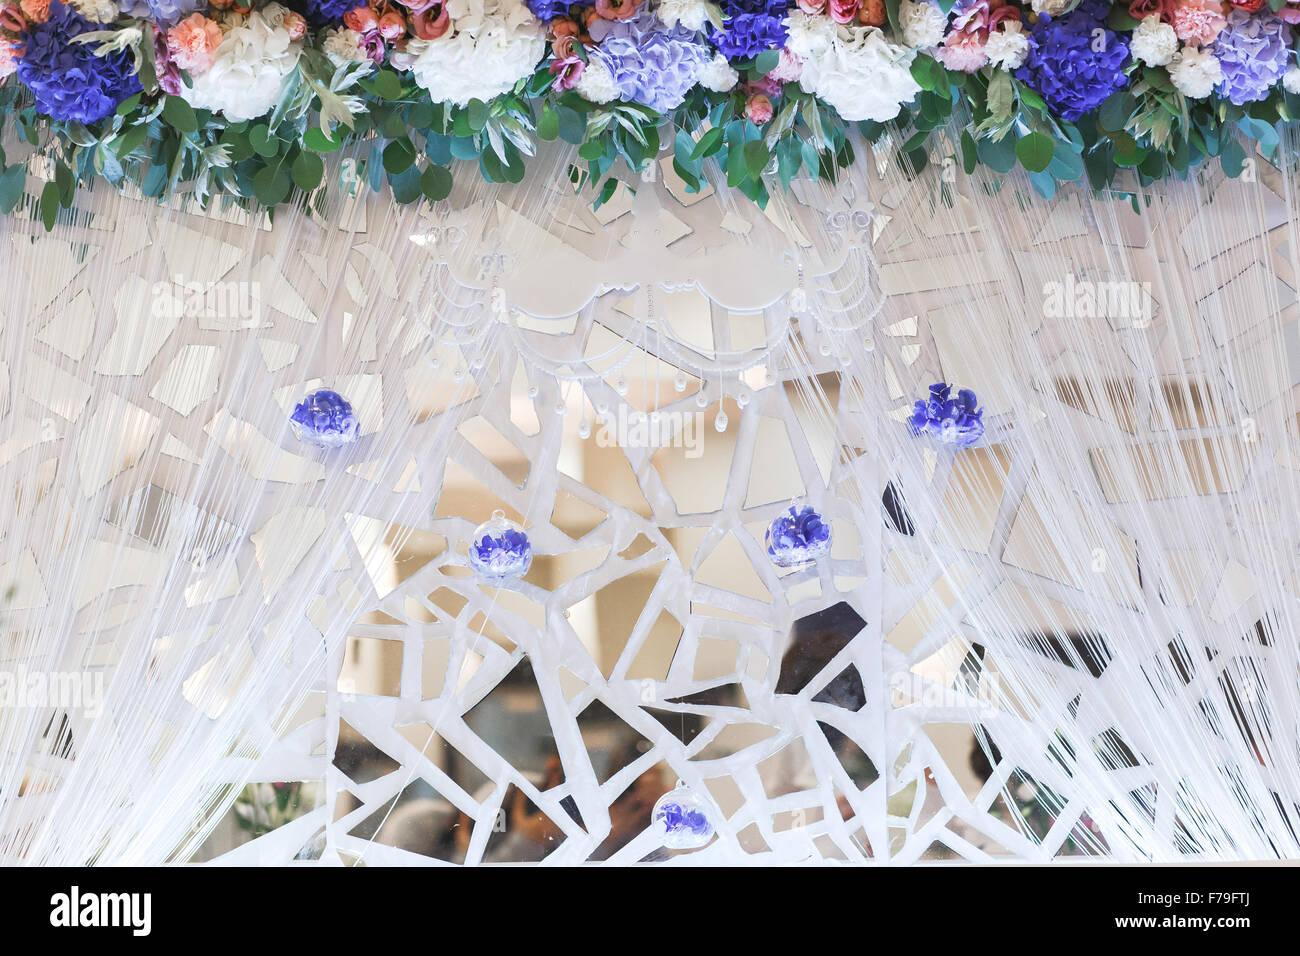 Fragmente Von Dekorativer Spiegel Die Dekoration Auf Der Hochzeit